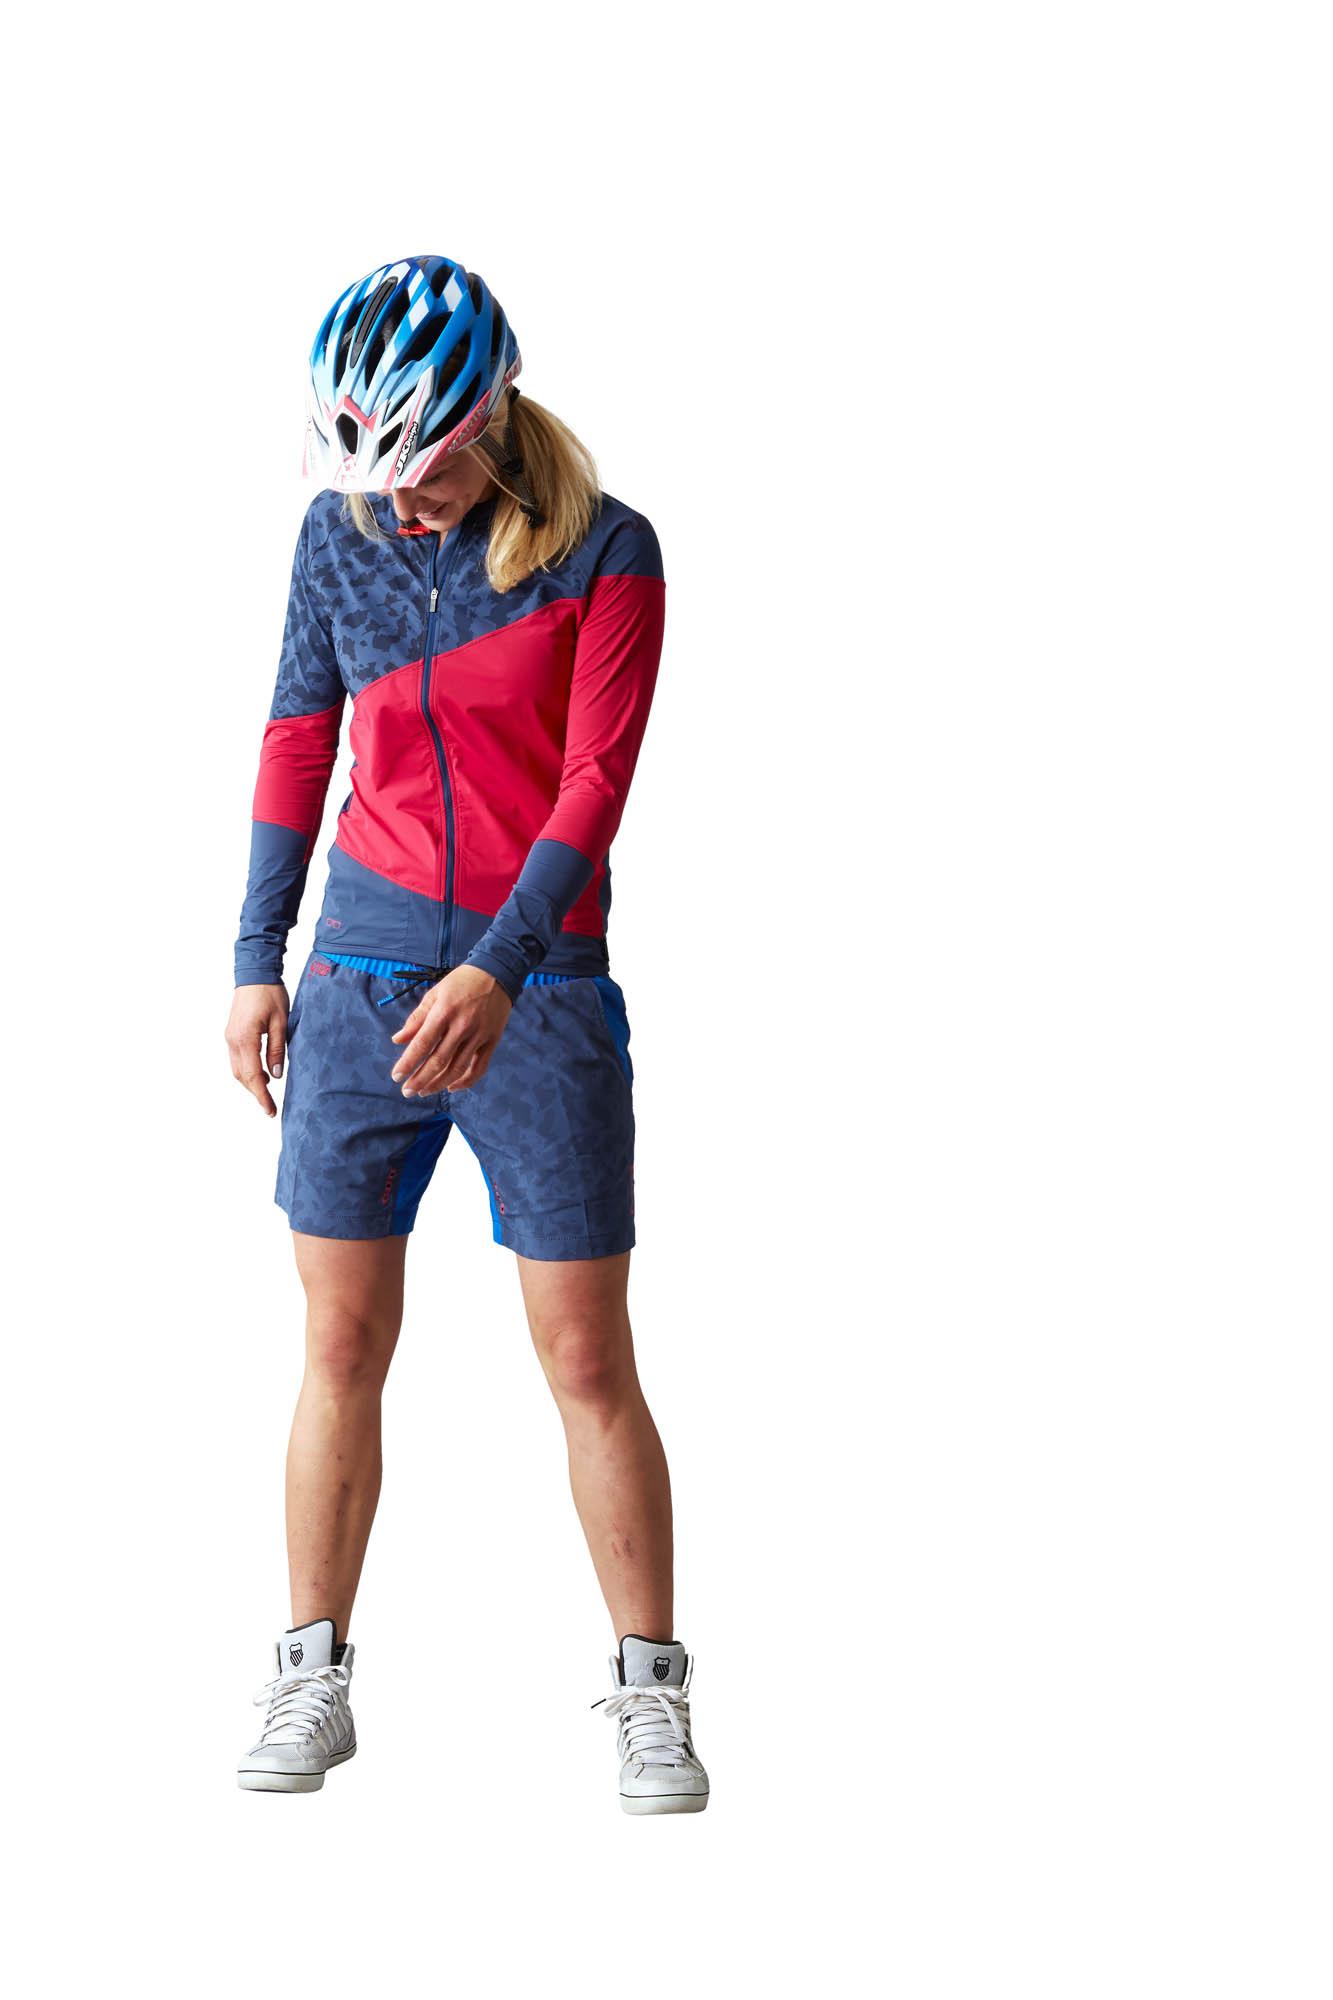 große Auswahl an Farben Qualitätsprodukte auf Füßen Bilder von ION Bike mit neuer Kollektion » INSIDE Mountainbike Magazin